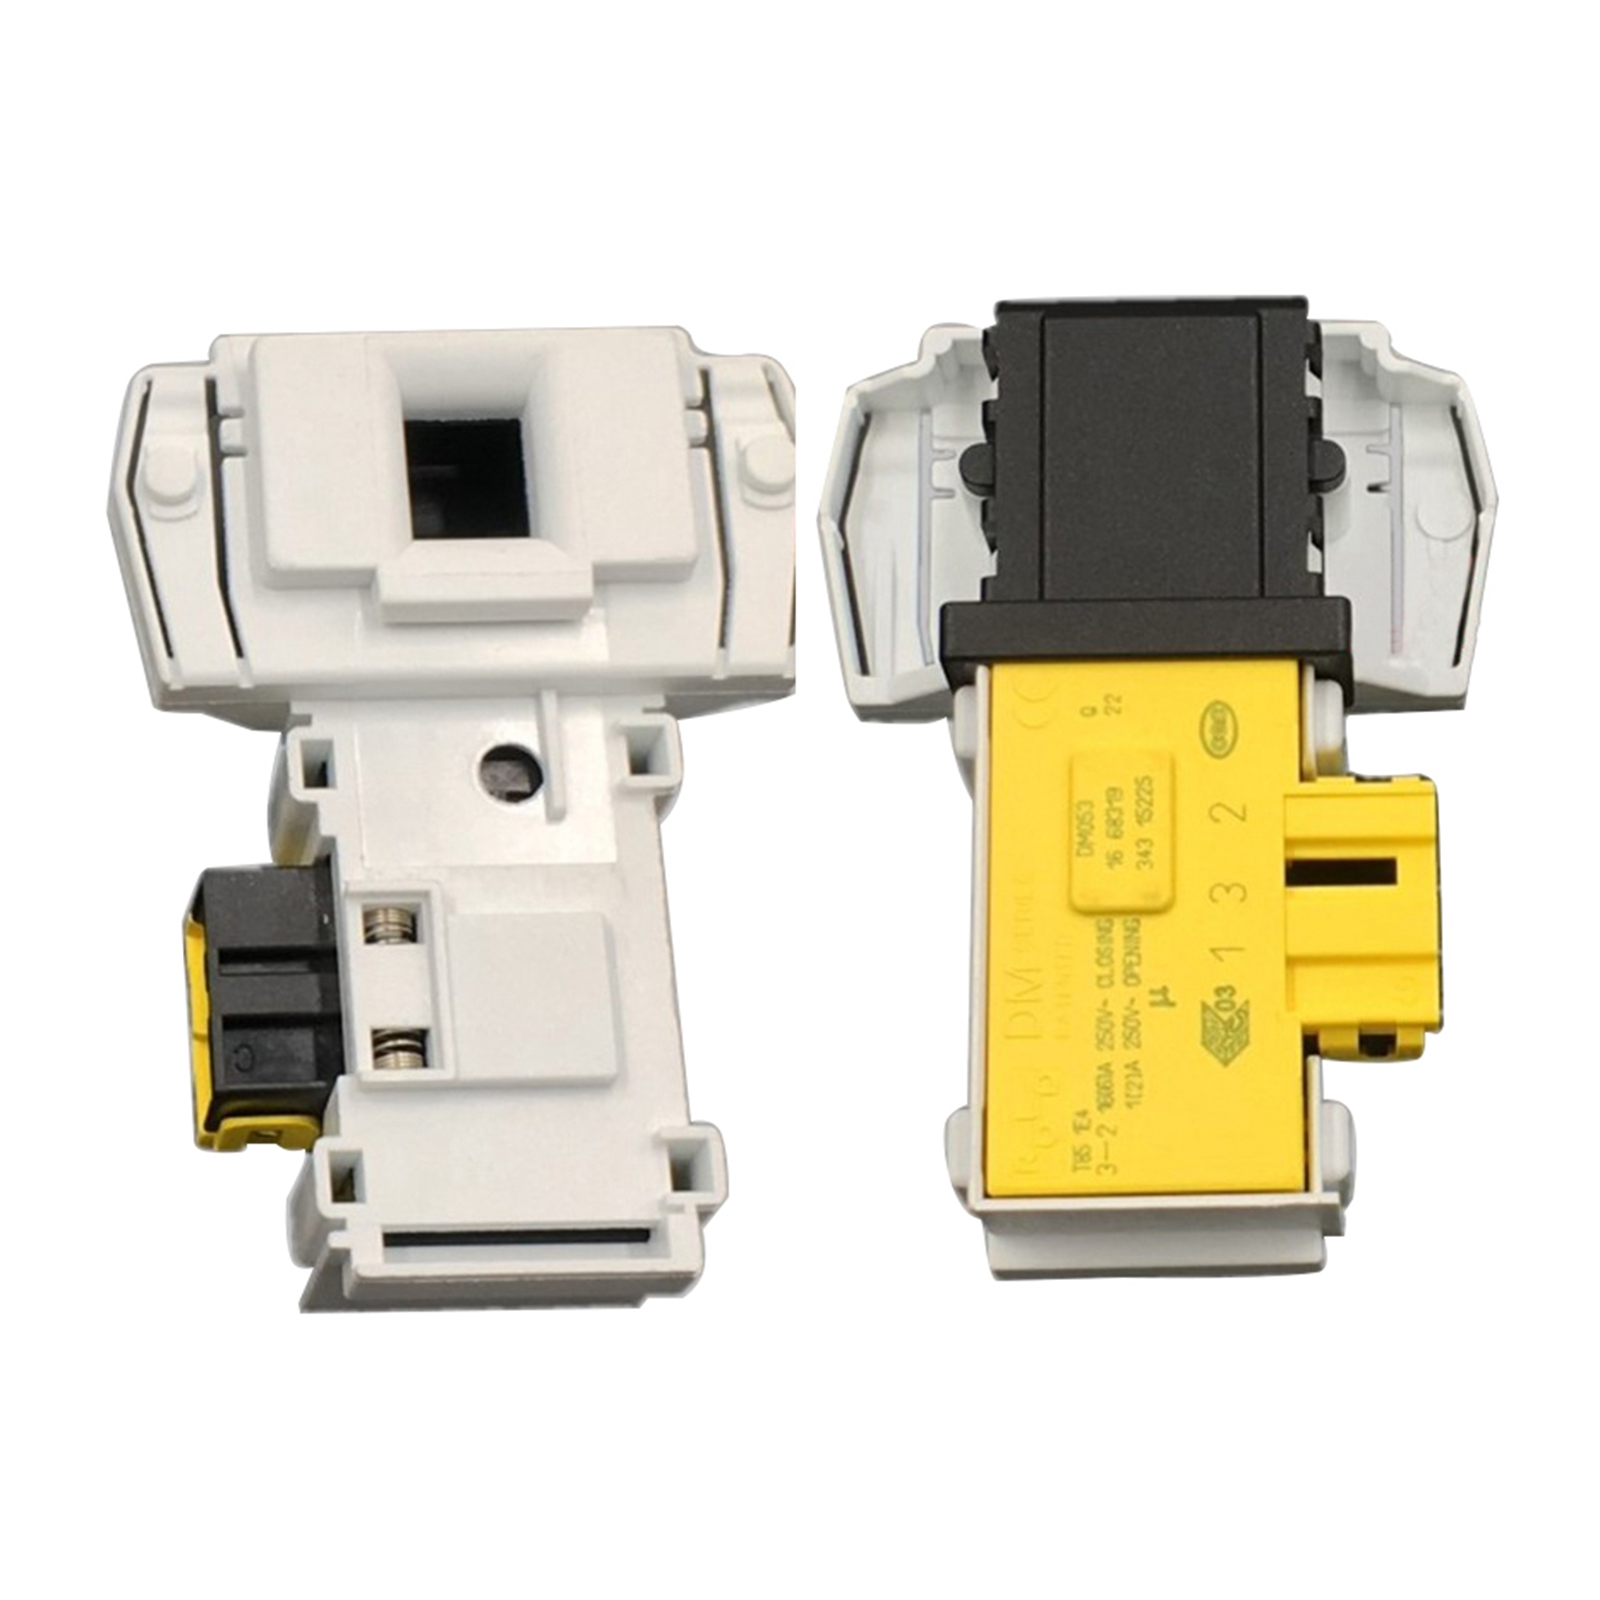 Replacement Washing Machine Time Delay Switch DM053 Door Lock Interlock G04 1060DS G04 DF 86